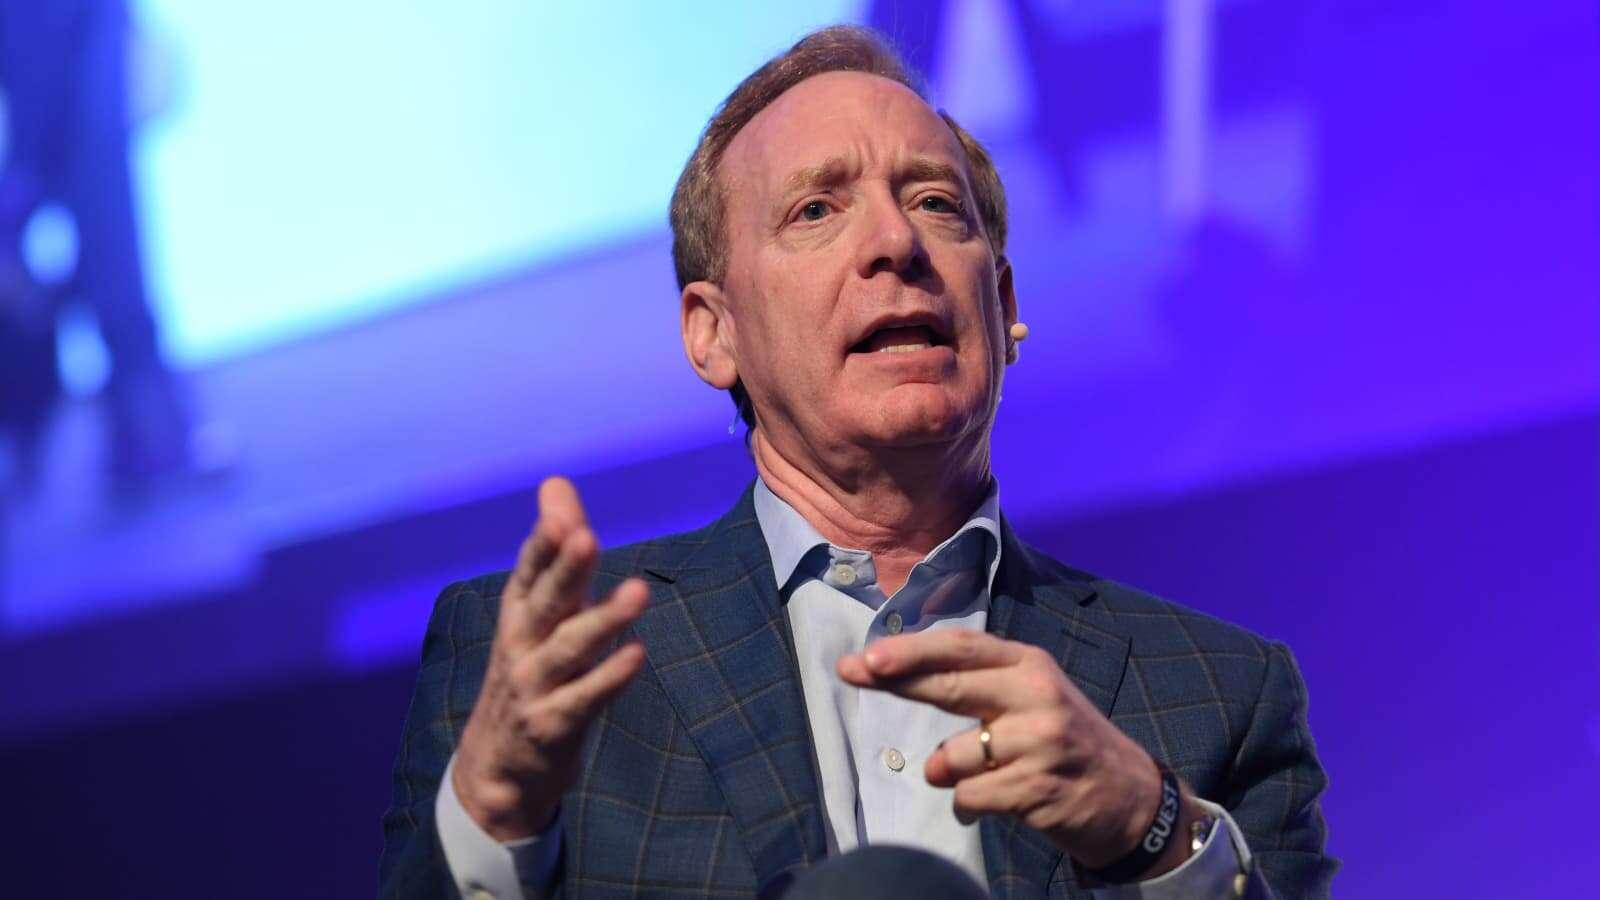 «برد اسمیت» نایب رئیس هیئت مدیره مایکروسافت شد